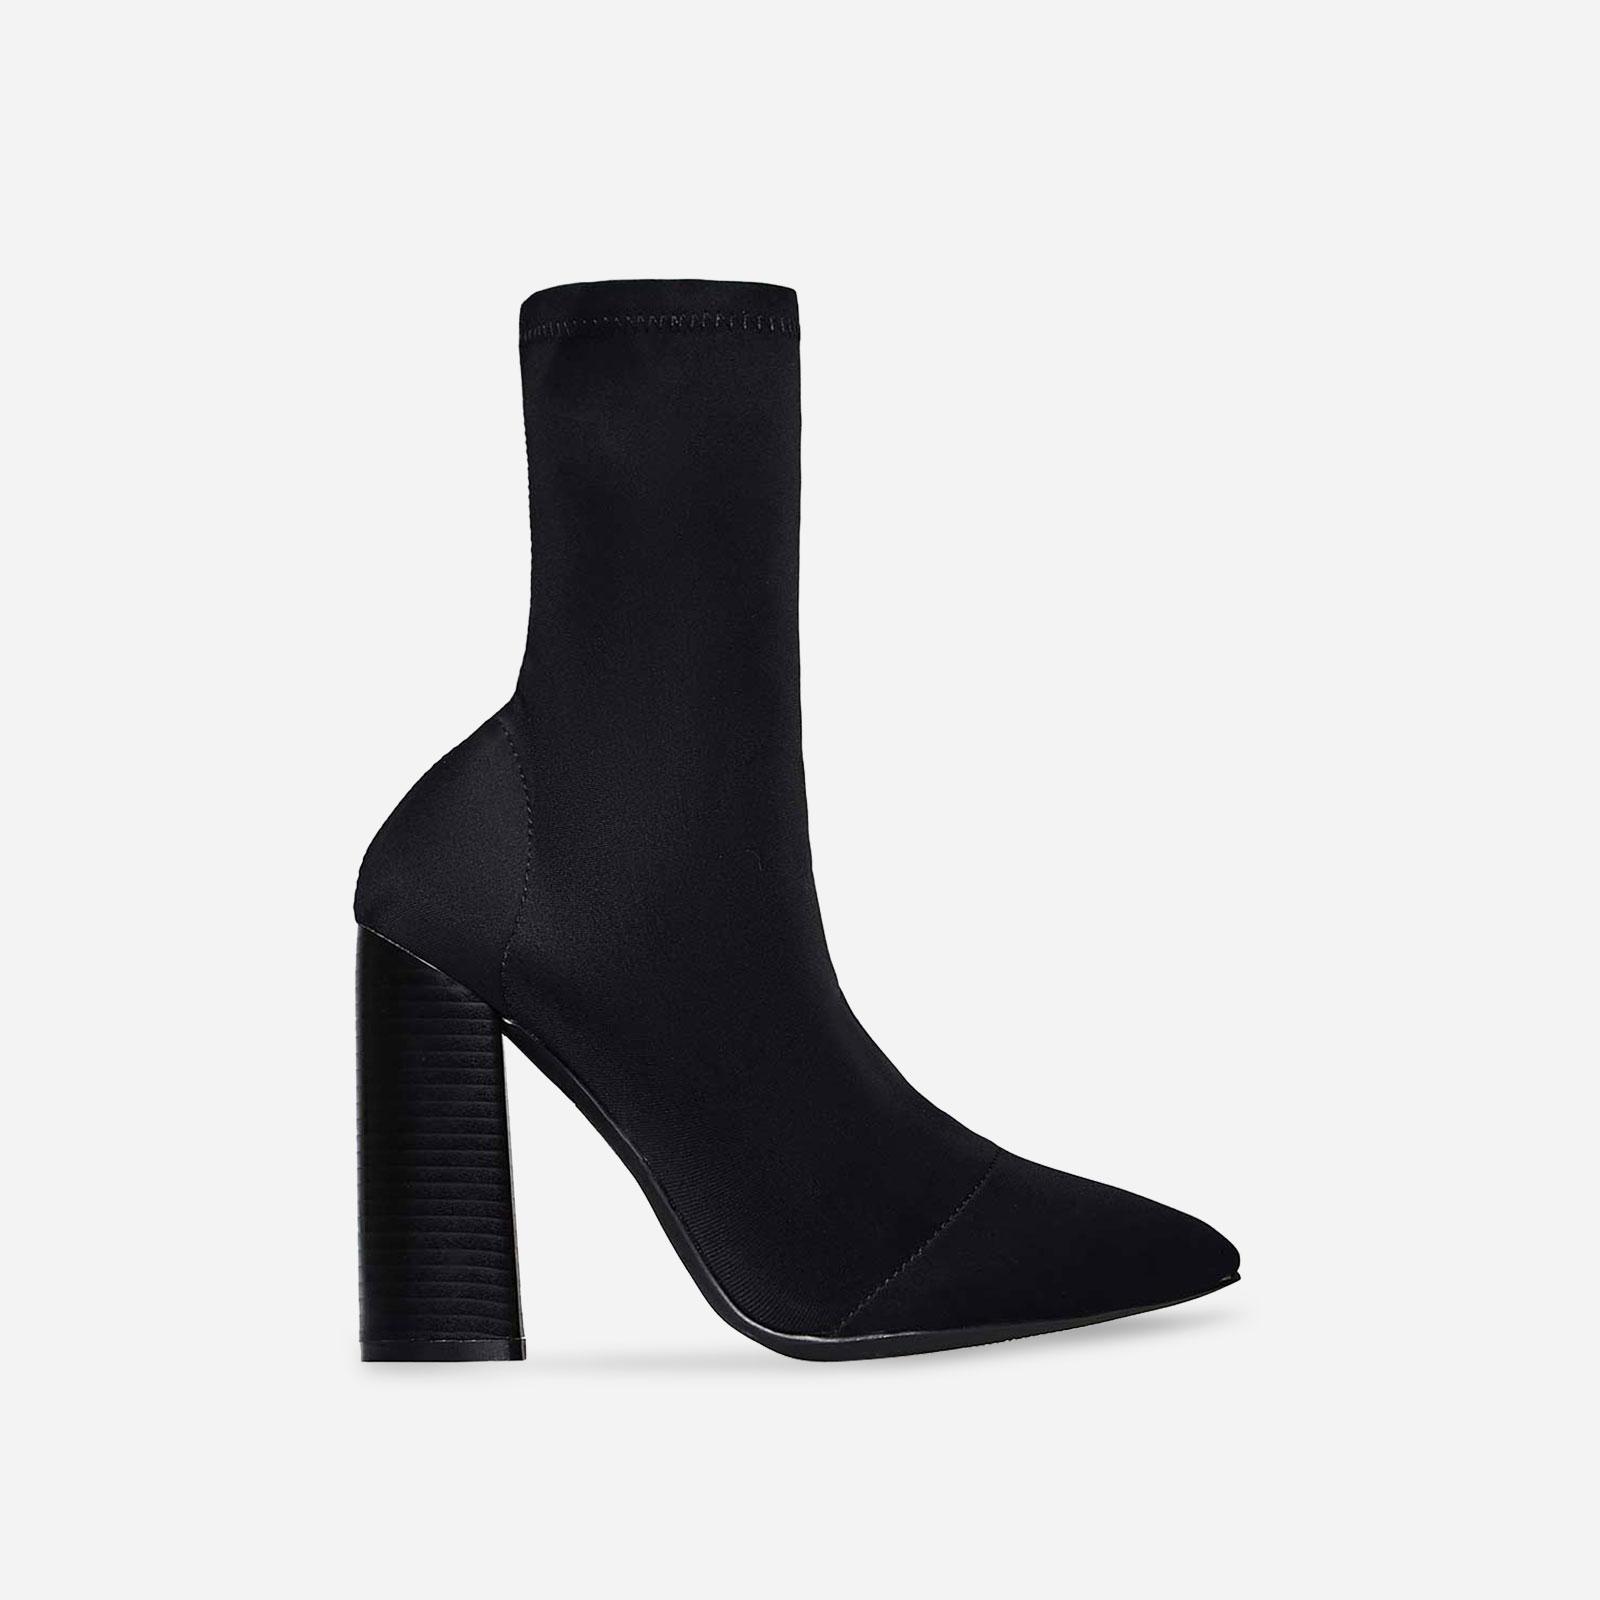 Charlie Block Heel Ankle Boot In Black Lycra Image 1